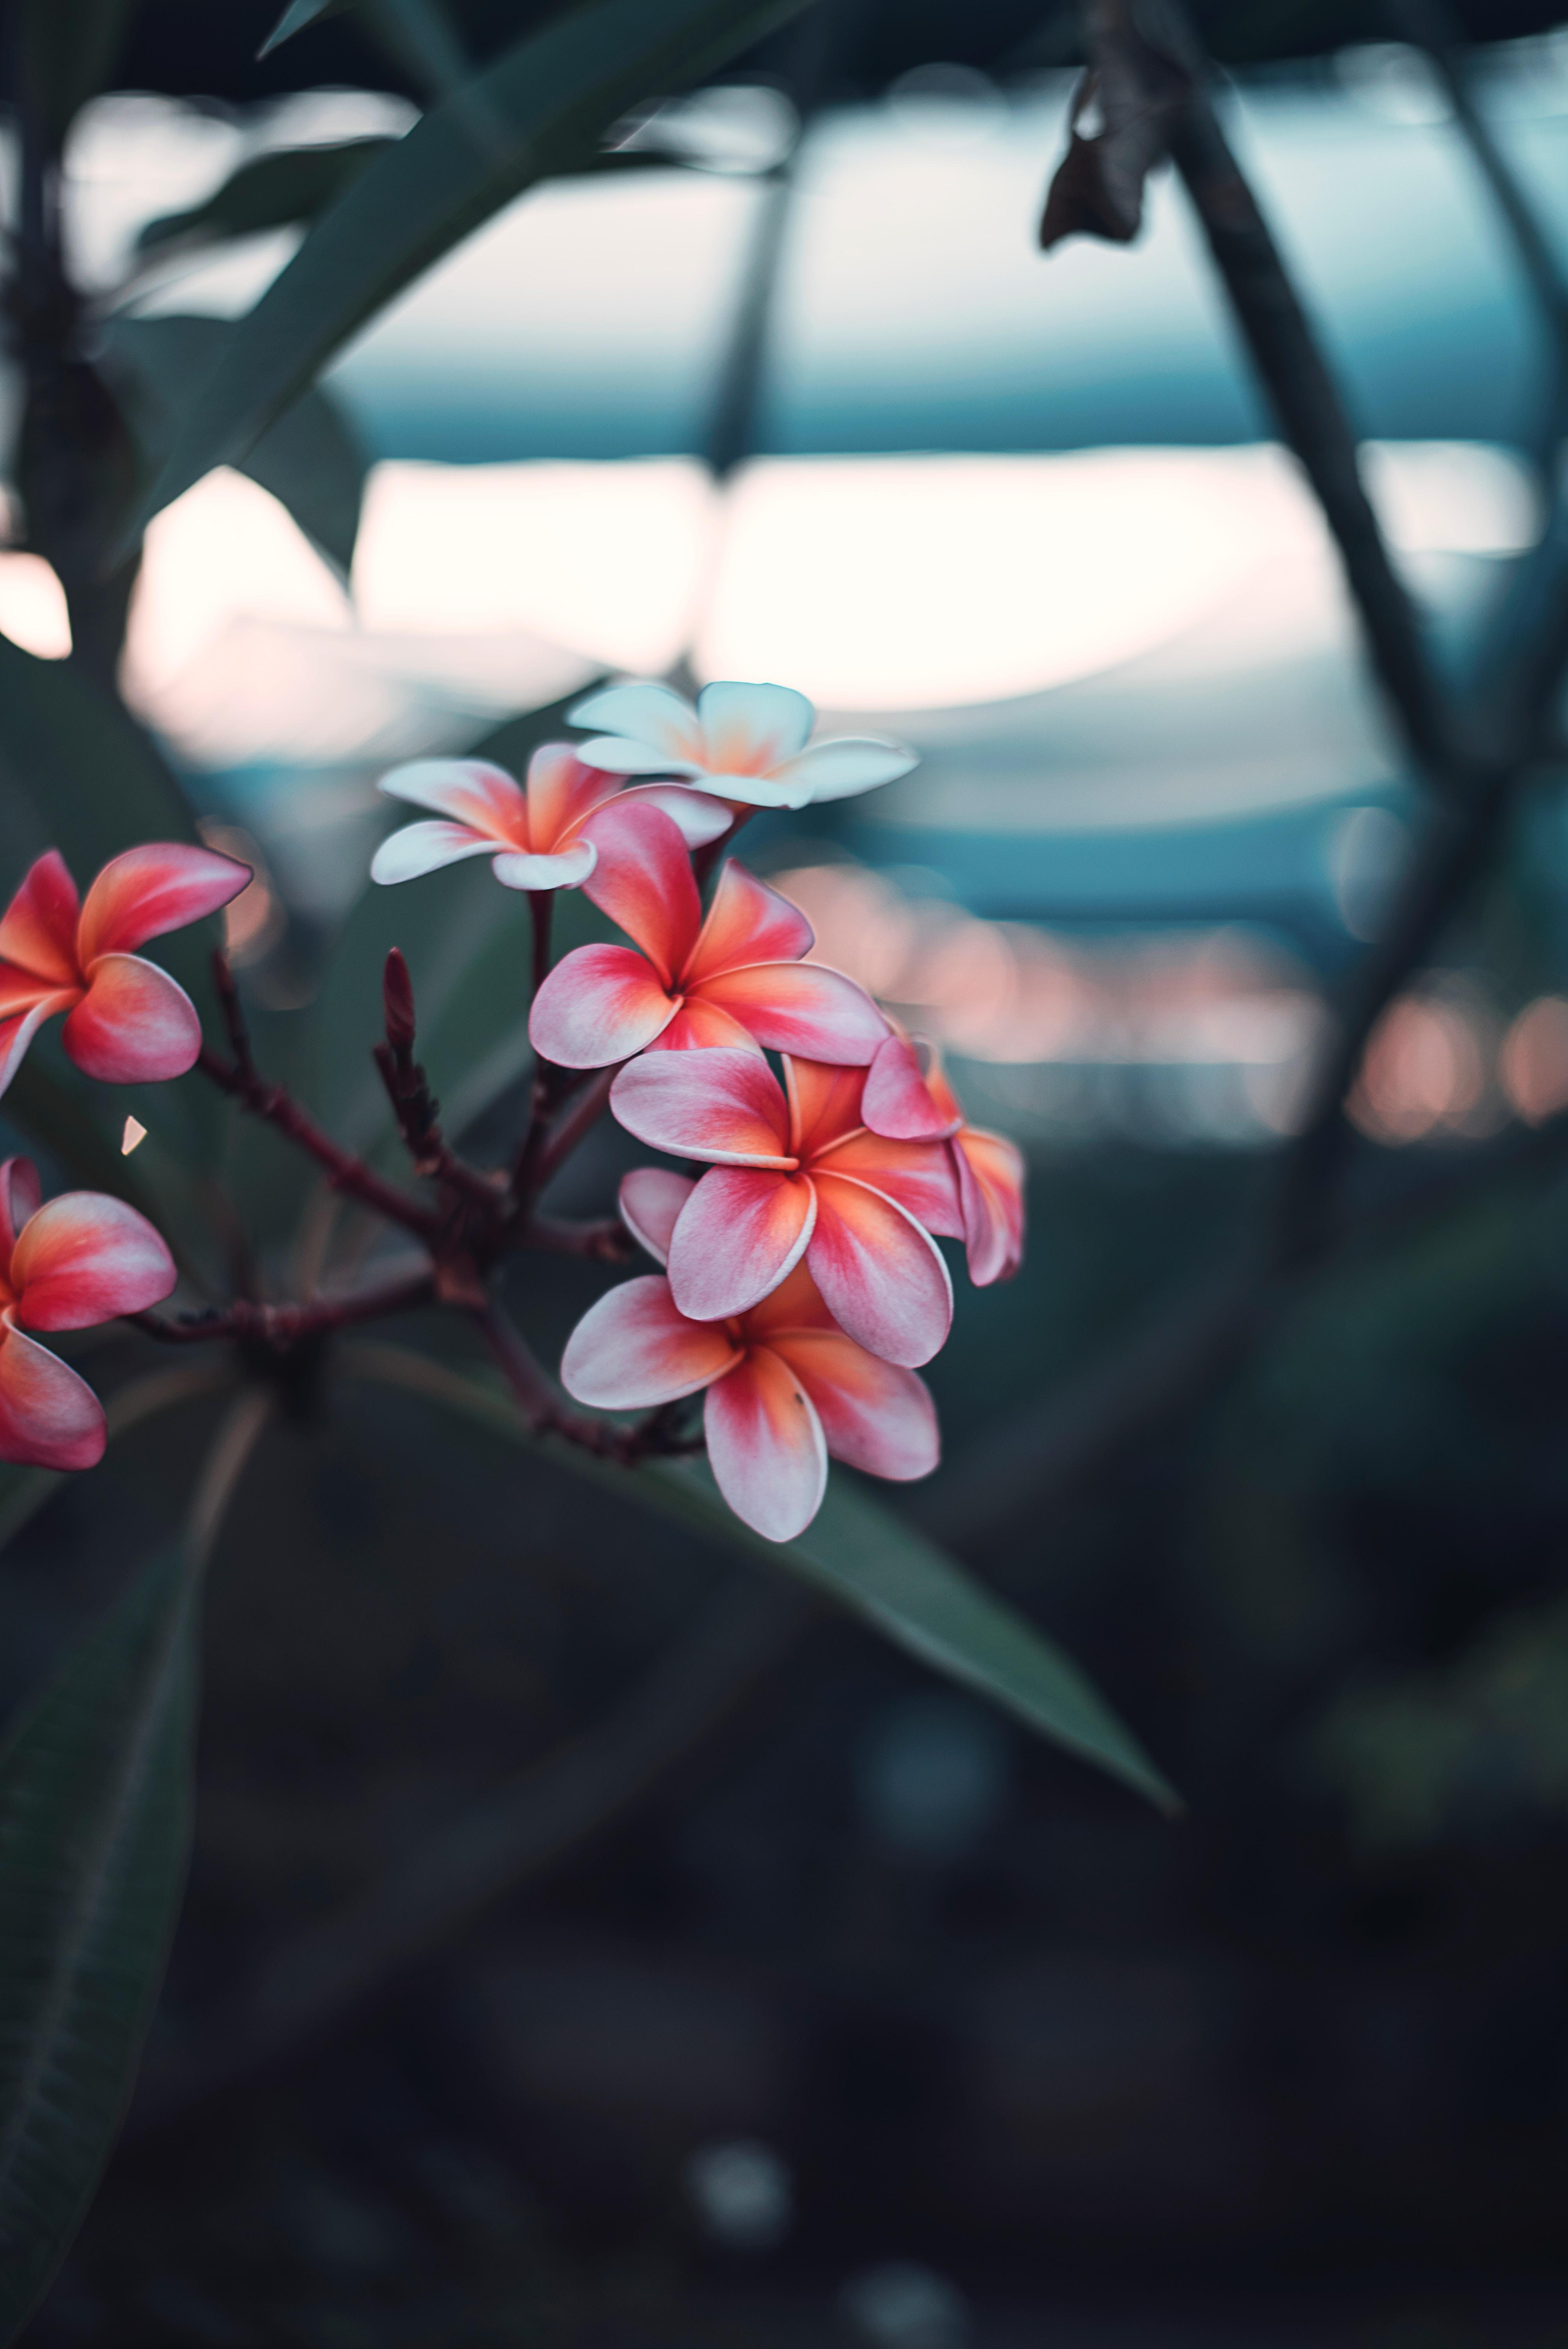 113024 fond d'écran 720x1560 sur votre téléphone gratuitement, téléchargez des images Fleurs, Rose, Floraison, Branche, Pluméria, Plumeria 720x1560 sur votre mobile